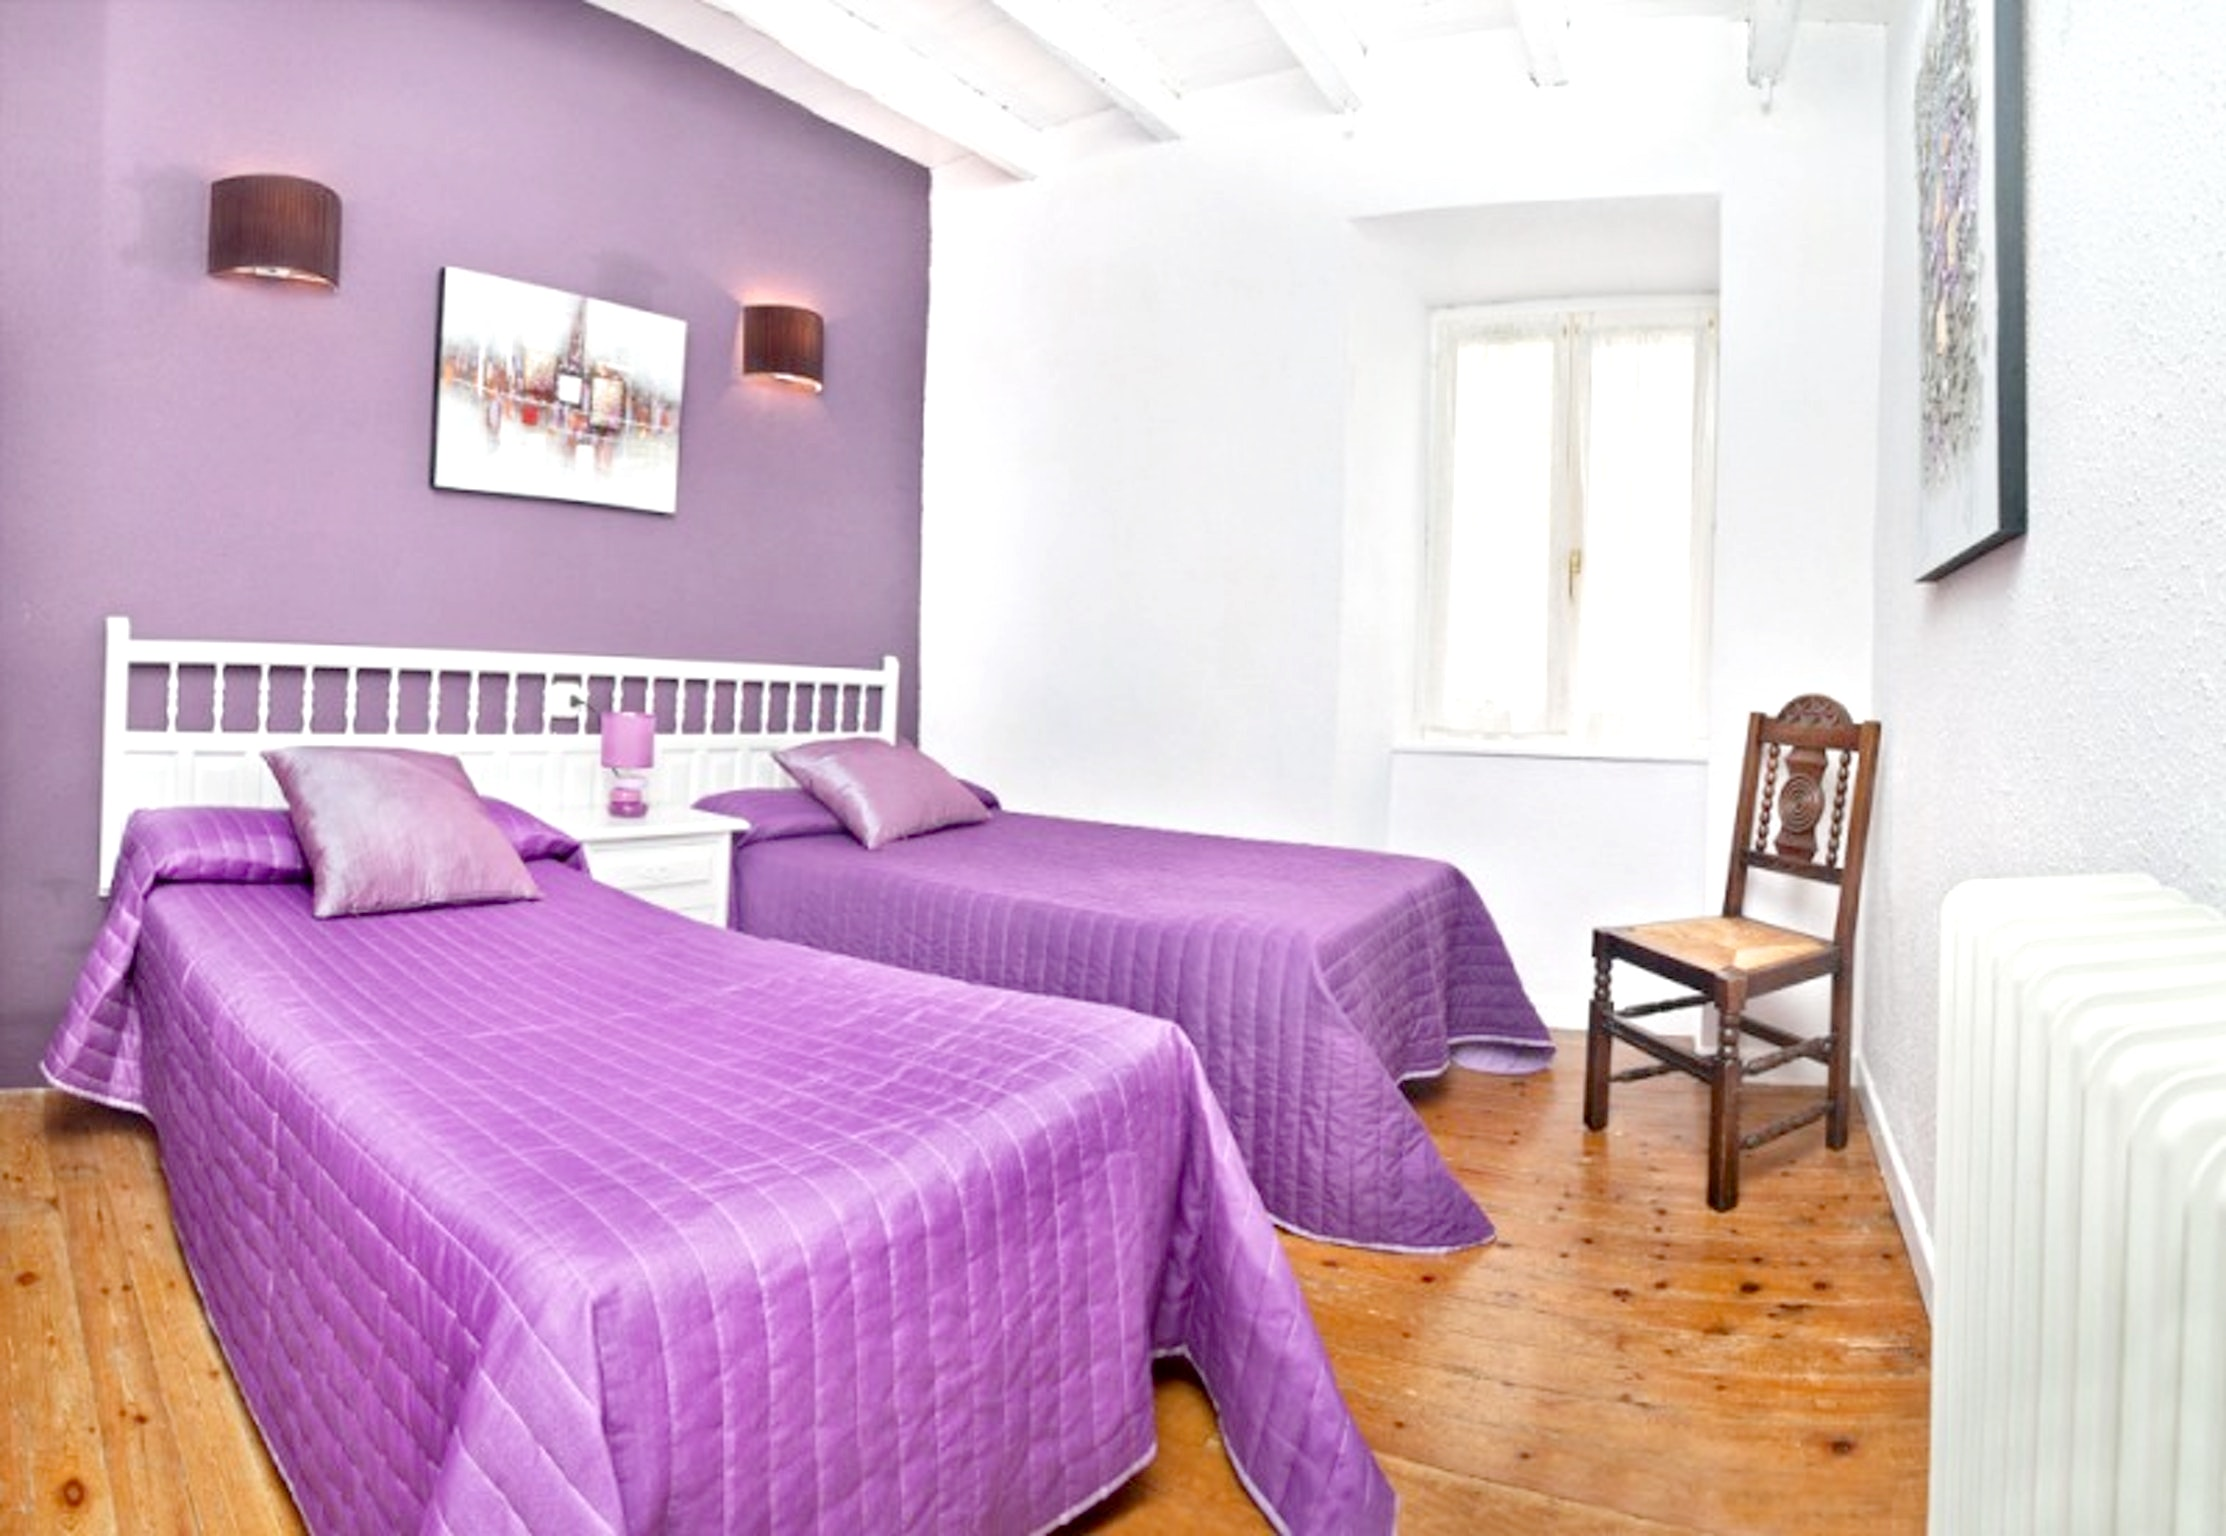 Ferienhaus Haus mit 4 Schlafzimmern in Valcarlos mit toller Aussicht auf die Berge und eingezäuntem G (2519329), Gañecoleta, , Navarra, Spanien, Bild 7